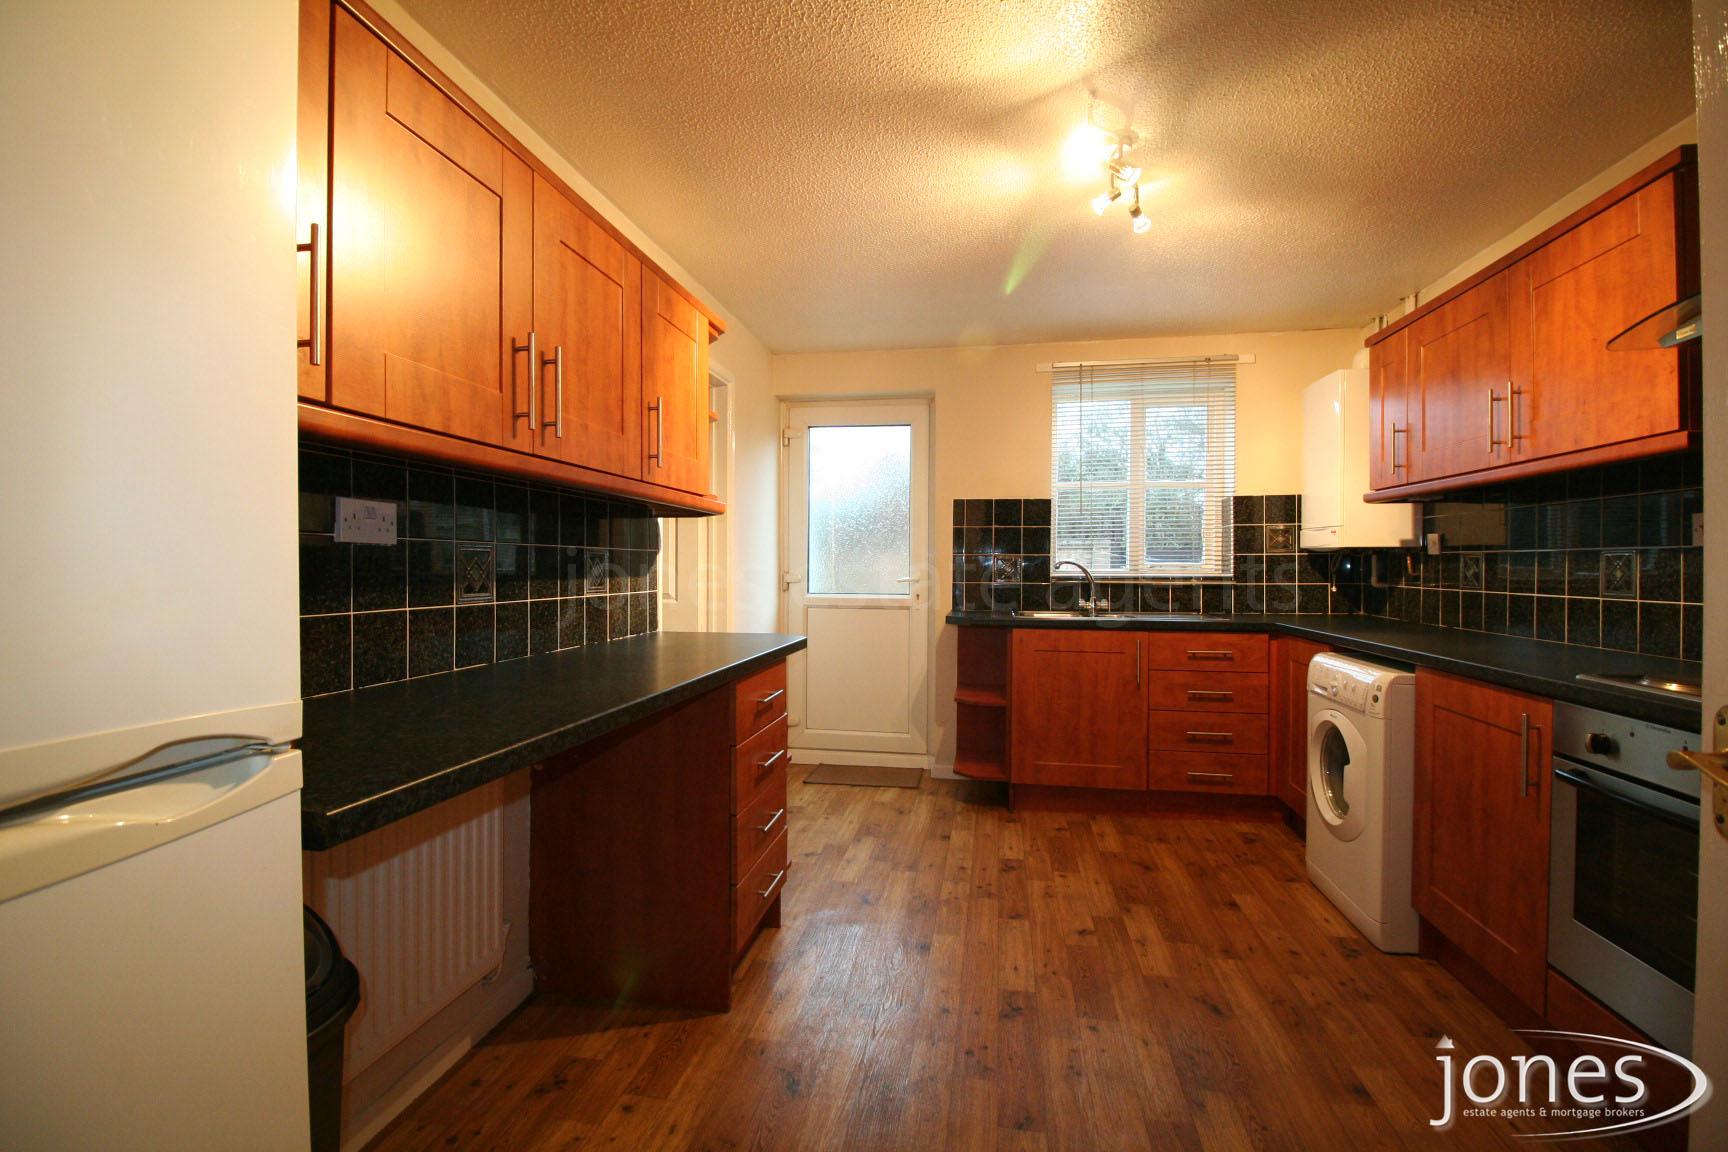 Home for Sale Let - Photo 04 Millington Close, Billingham, TS23 3FD